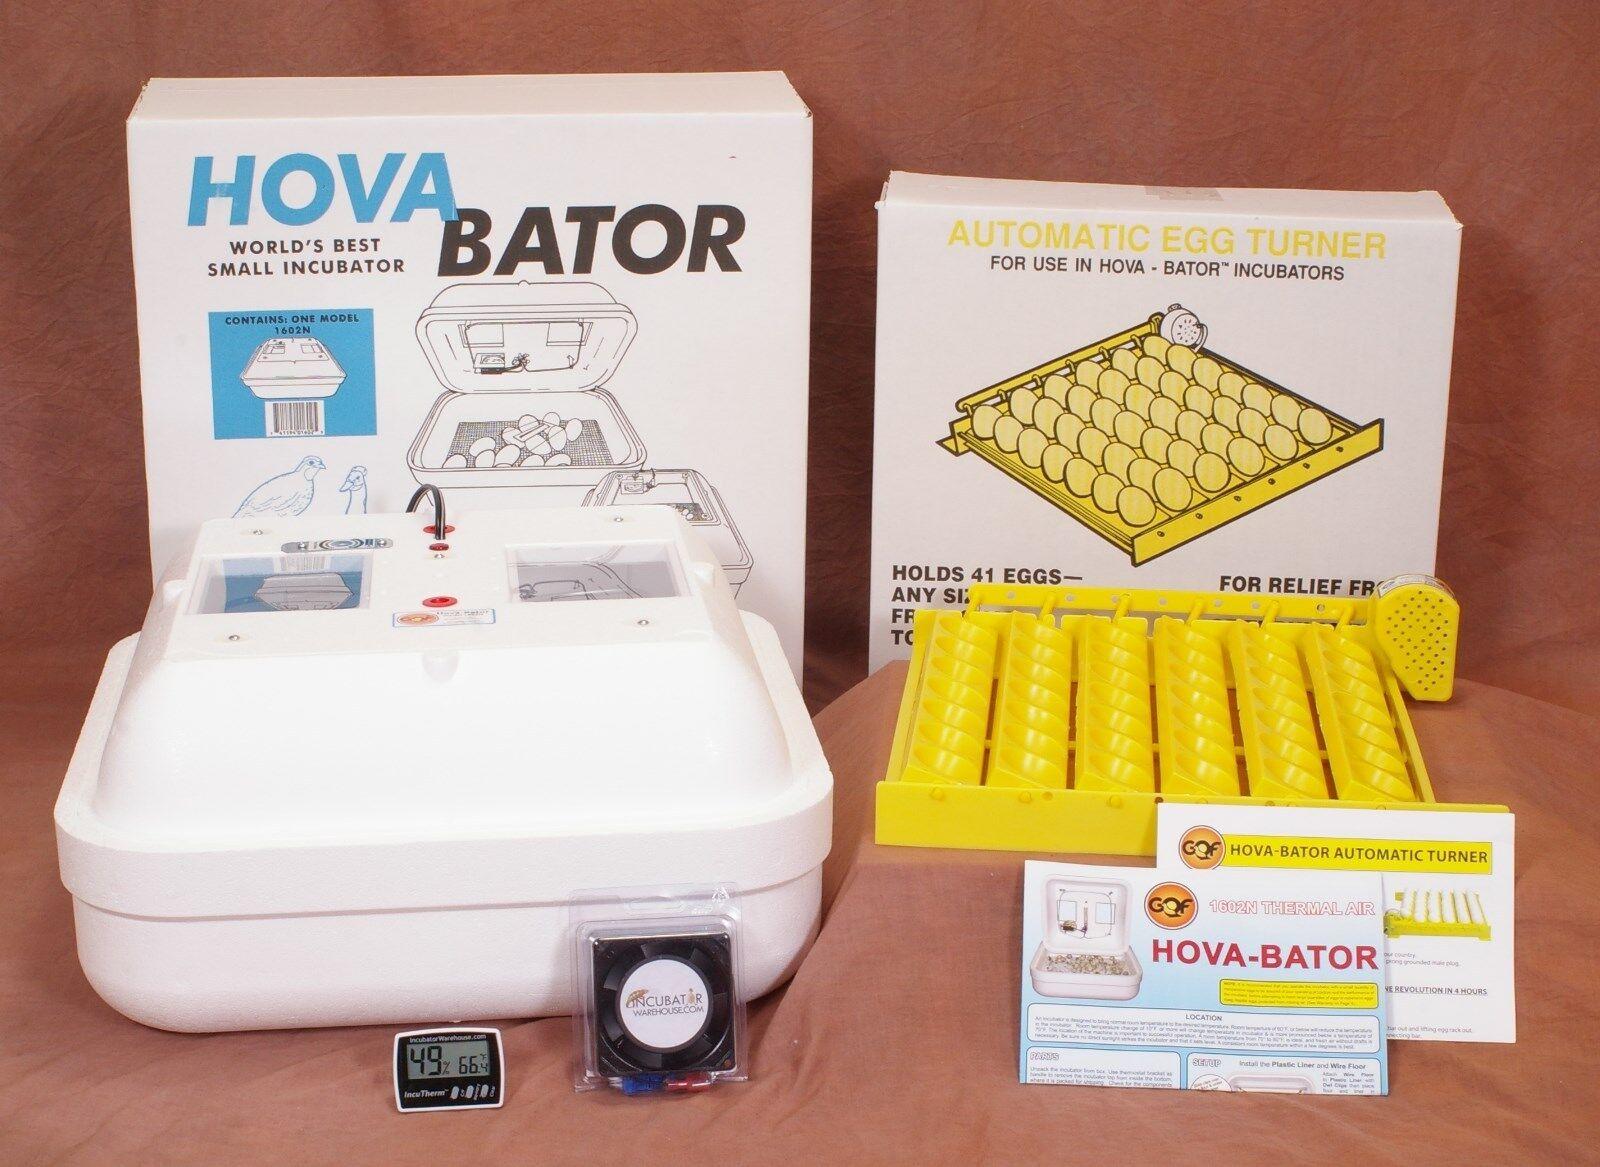 HOVABATOR EGG INCUBATOR KIT   Egg Turner   Fan Kit   Thermometer Hygrometer